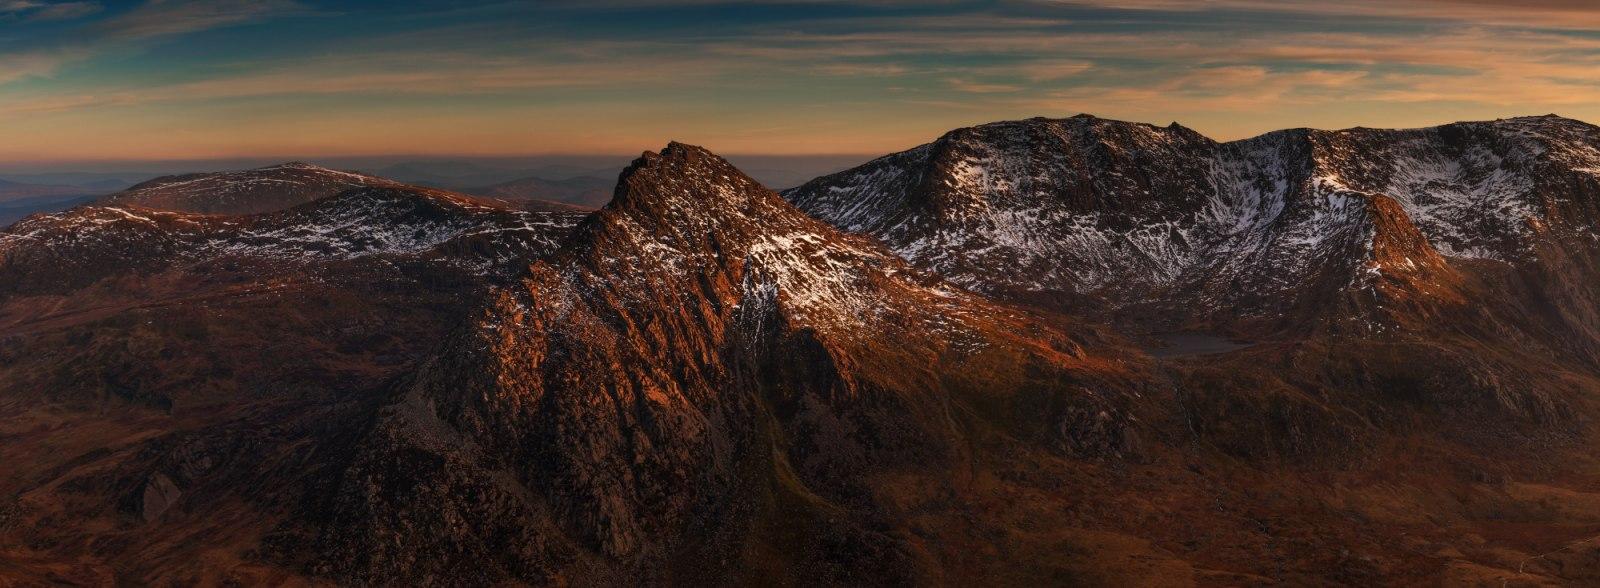 Workshops Snowdonia Wales / Last light ...